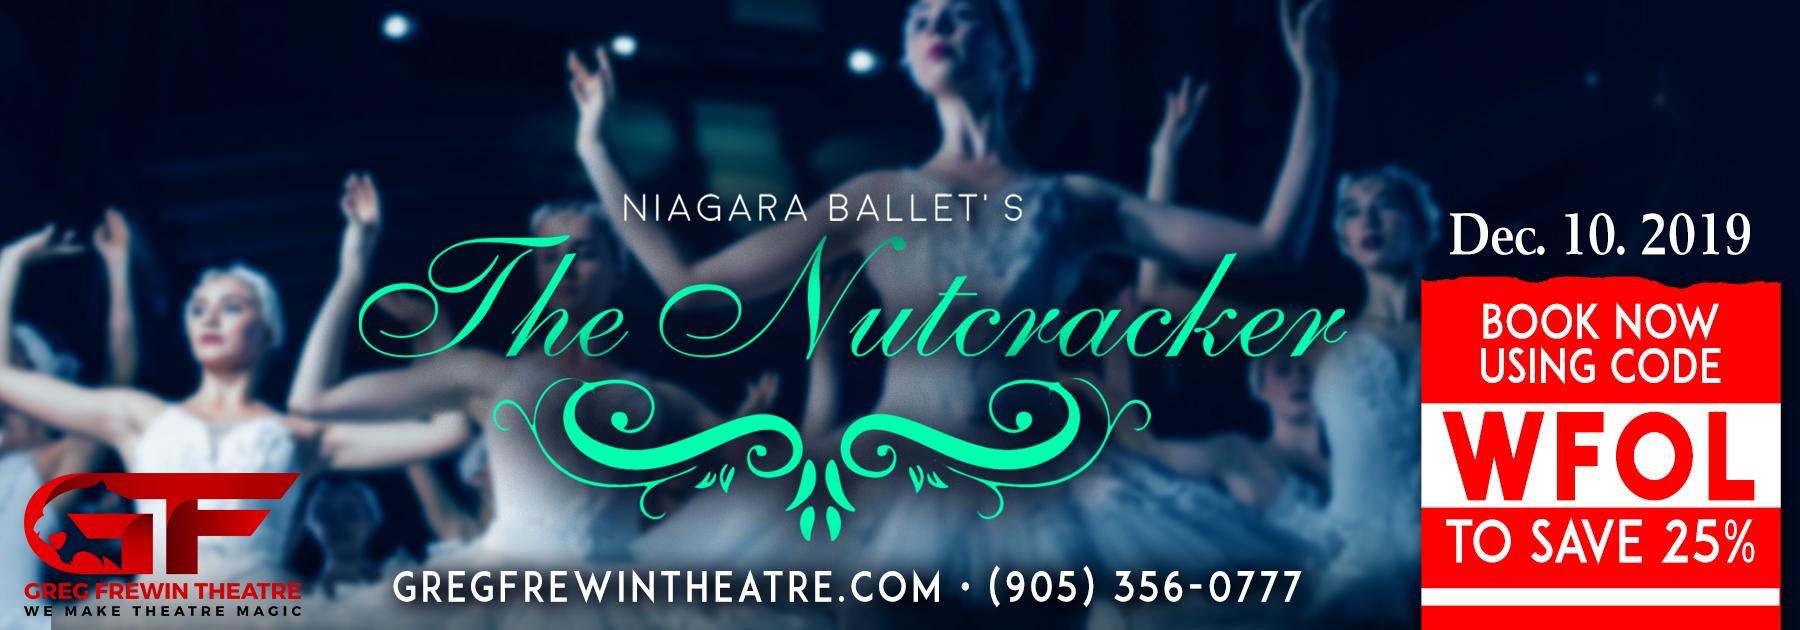 Nutcracker Header Image